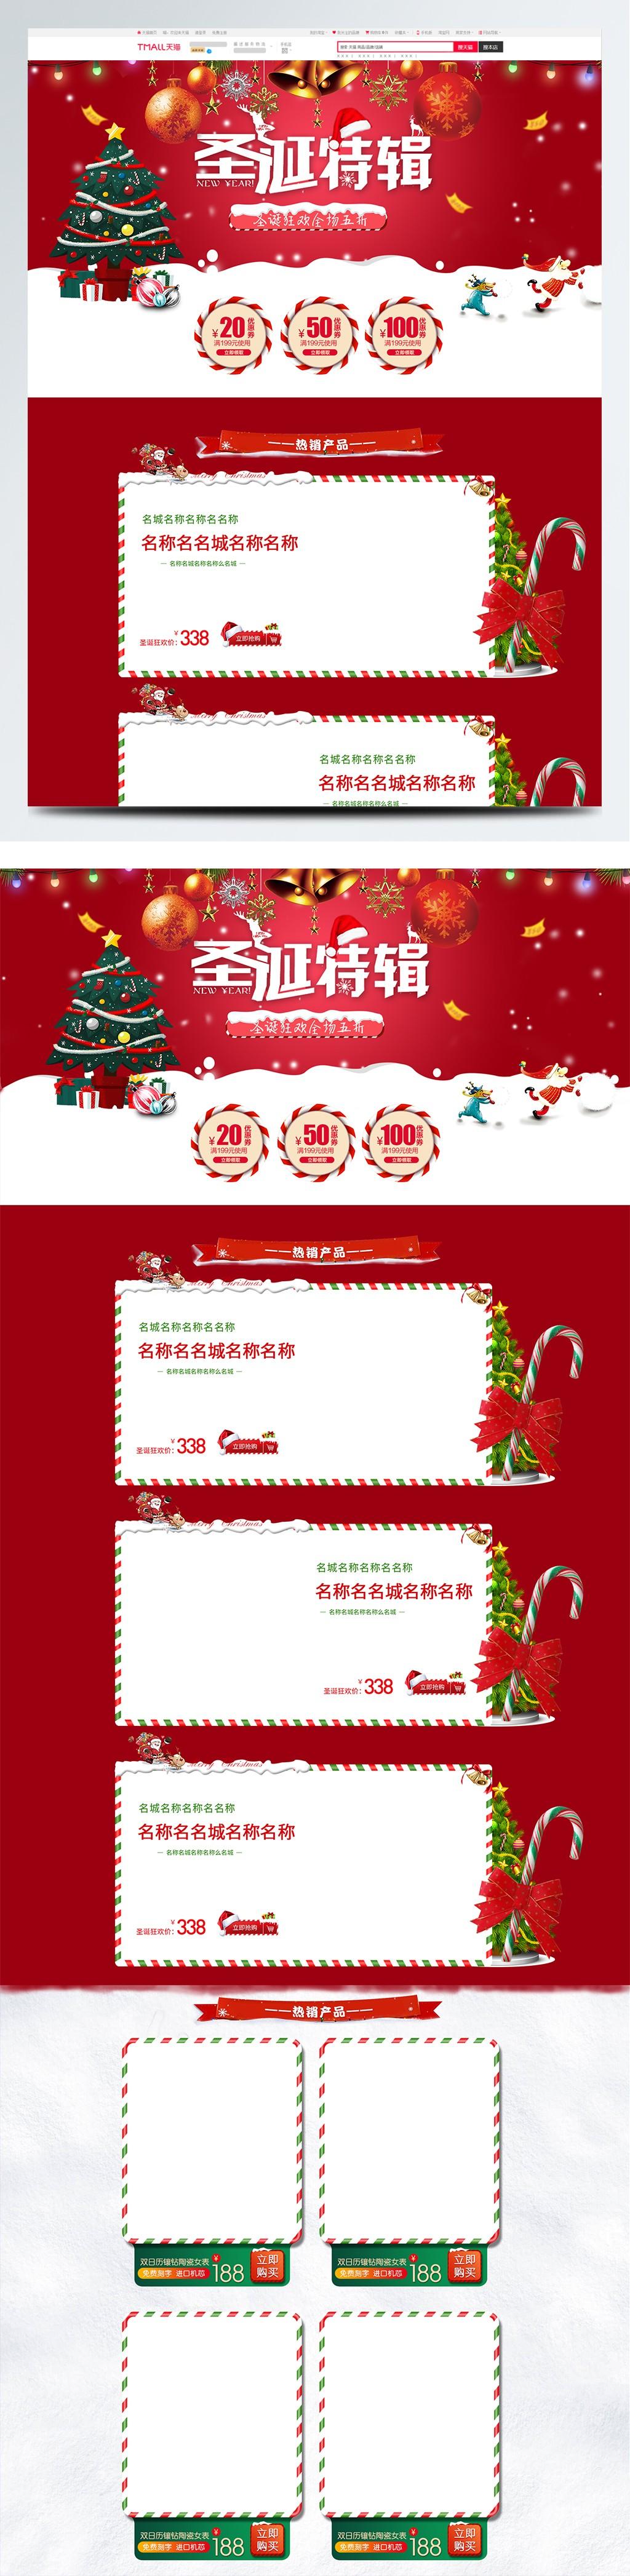 红色圣诞节圣诞快乐圣诞电商首页